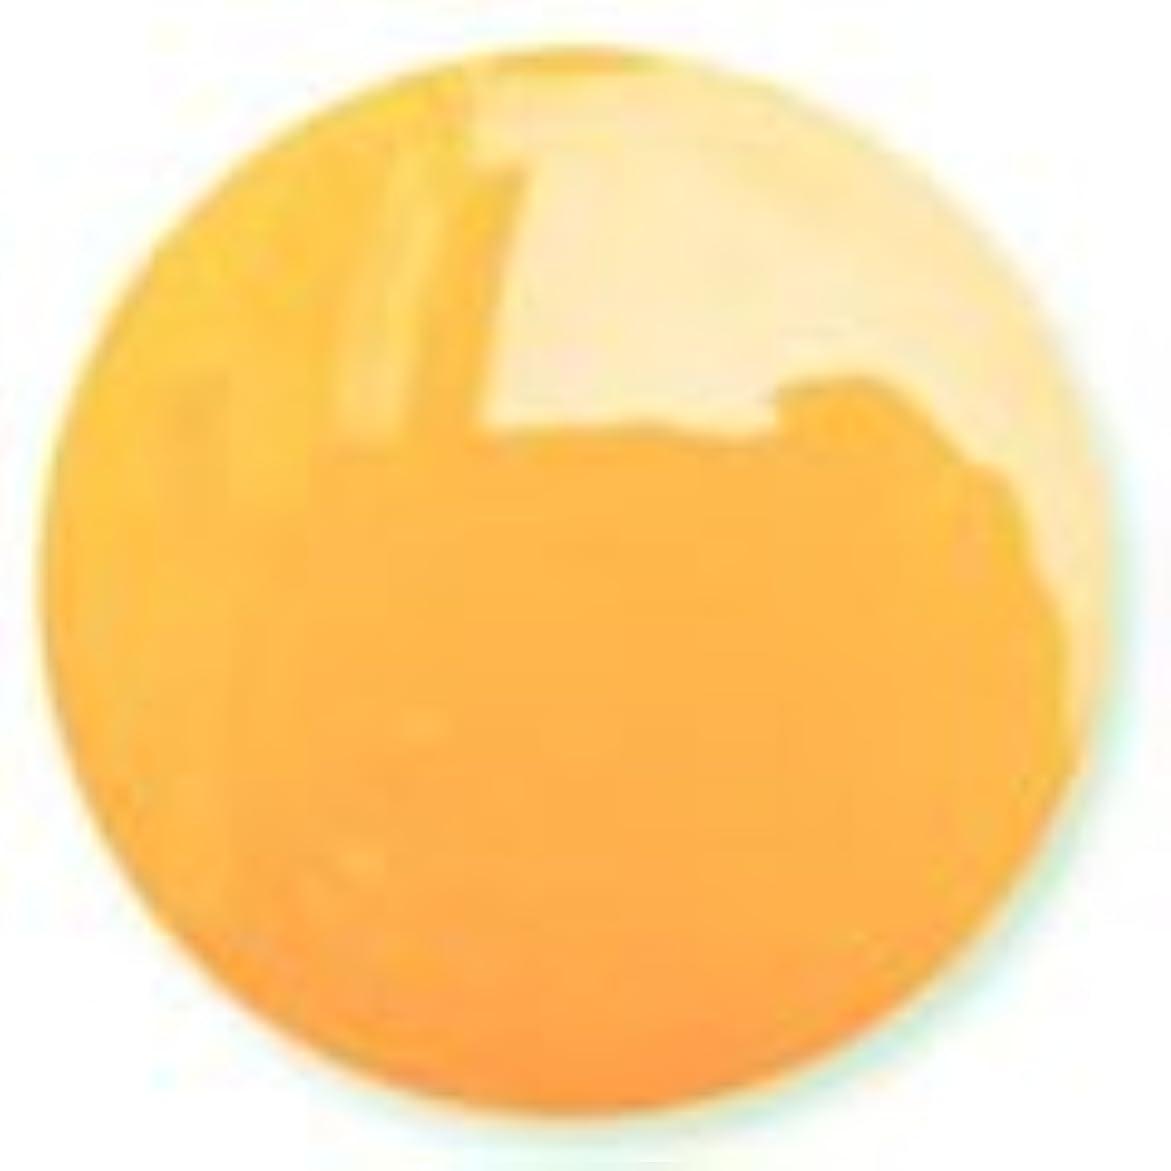 令状ソース大声でハニーオレンジ ソークオフジェル(ソフトジェル)LED/UV対応 8g NC016